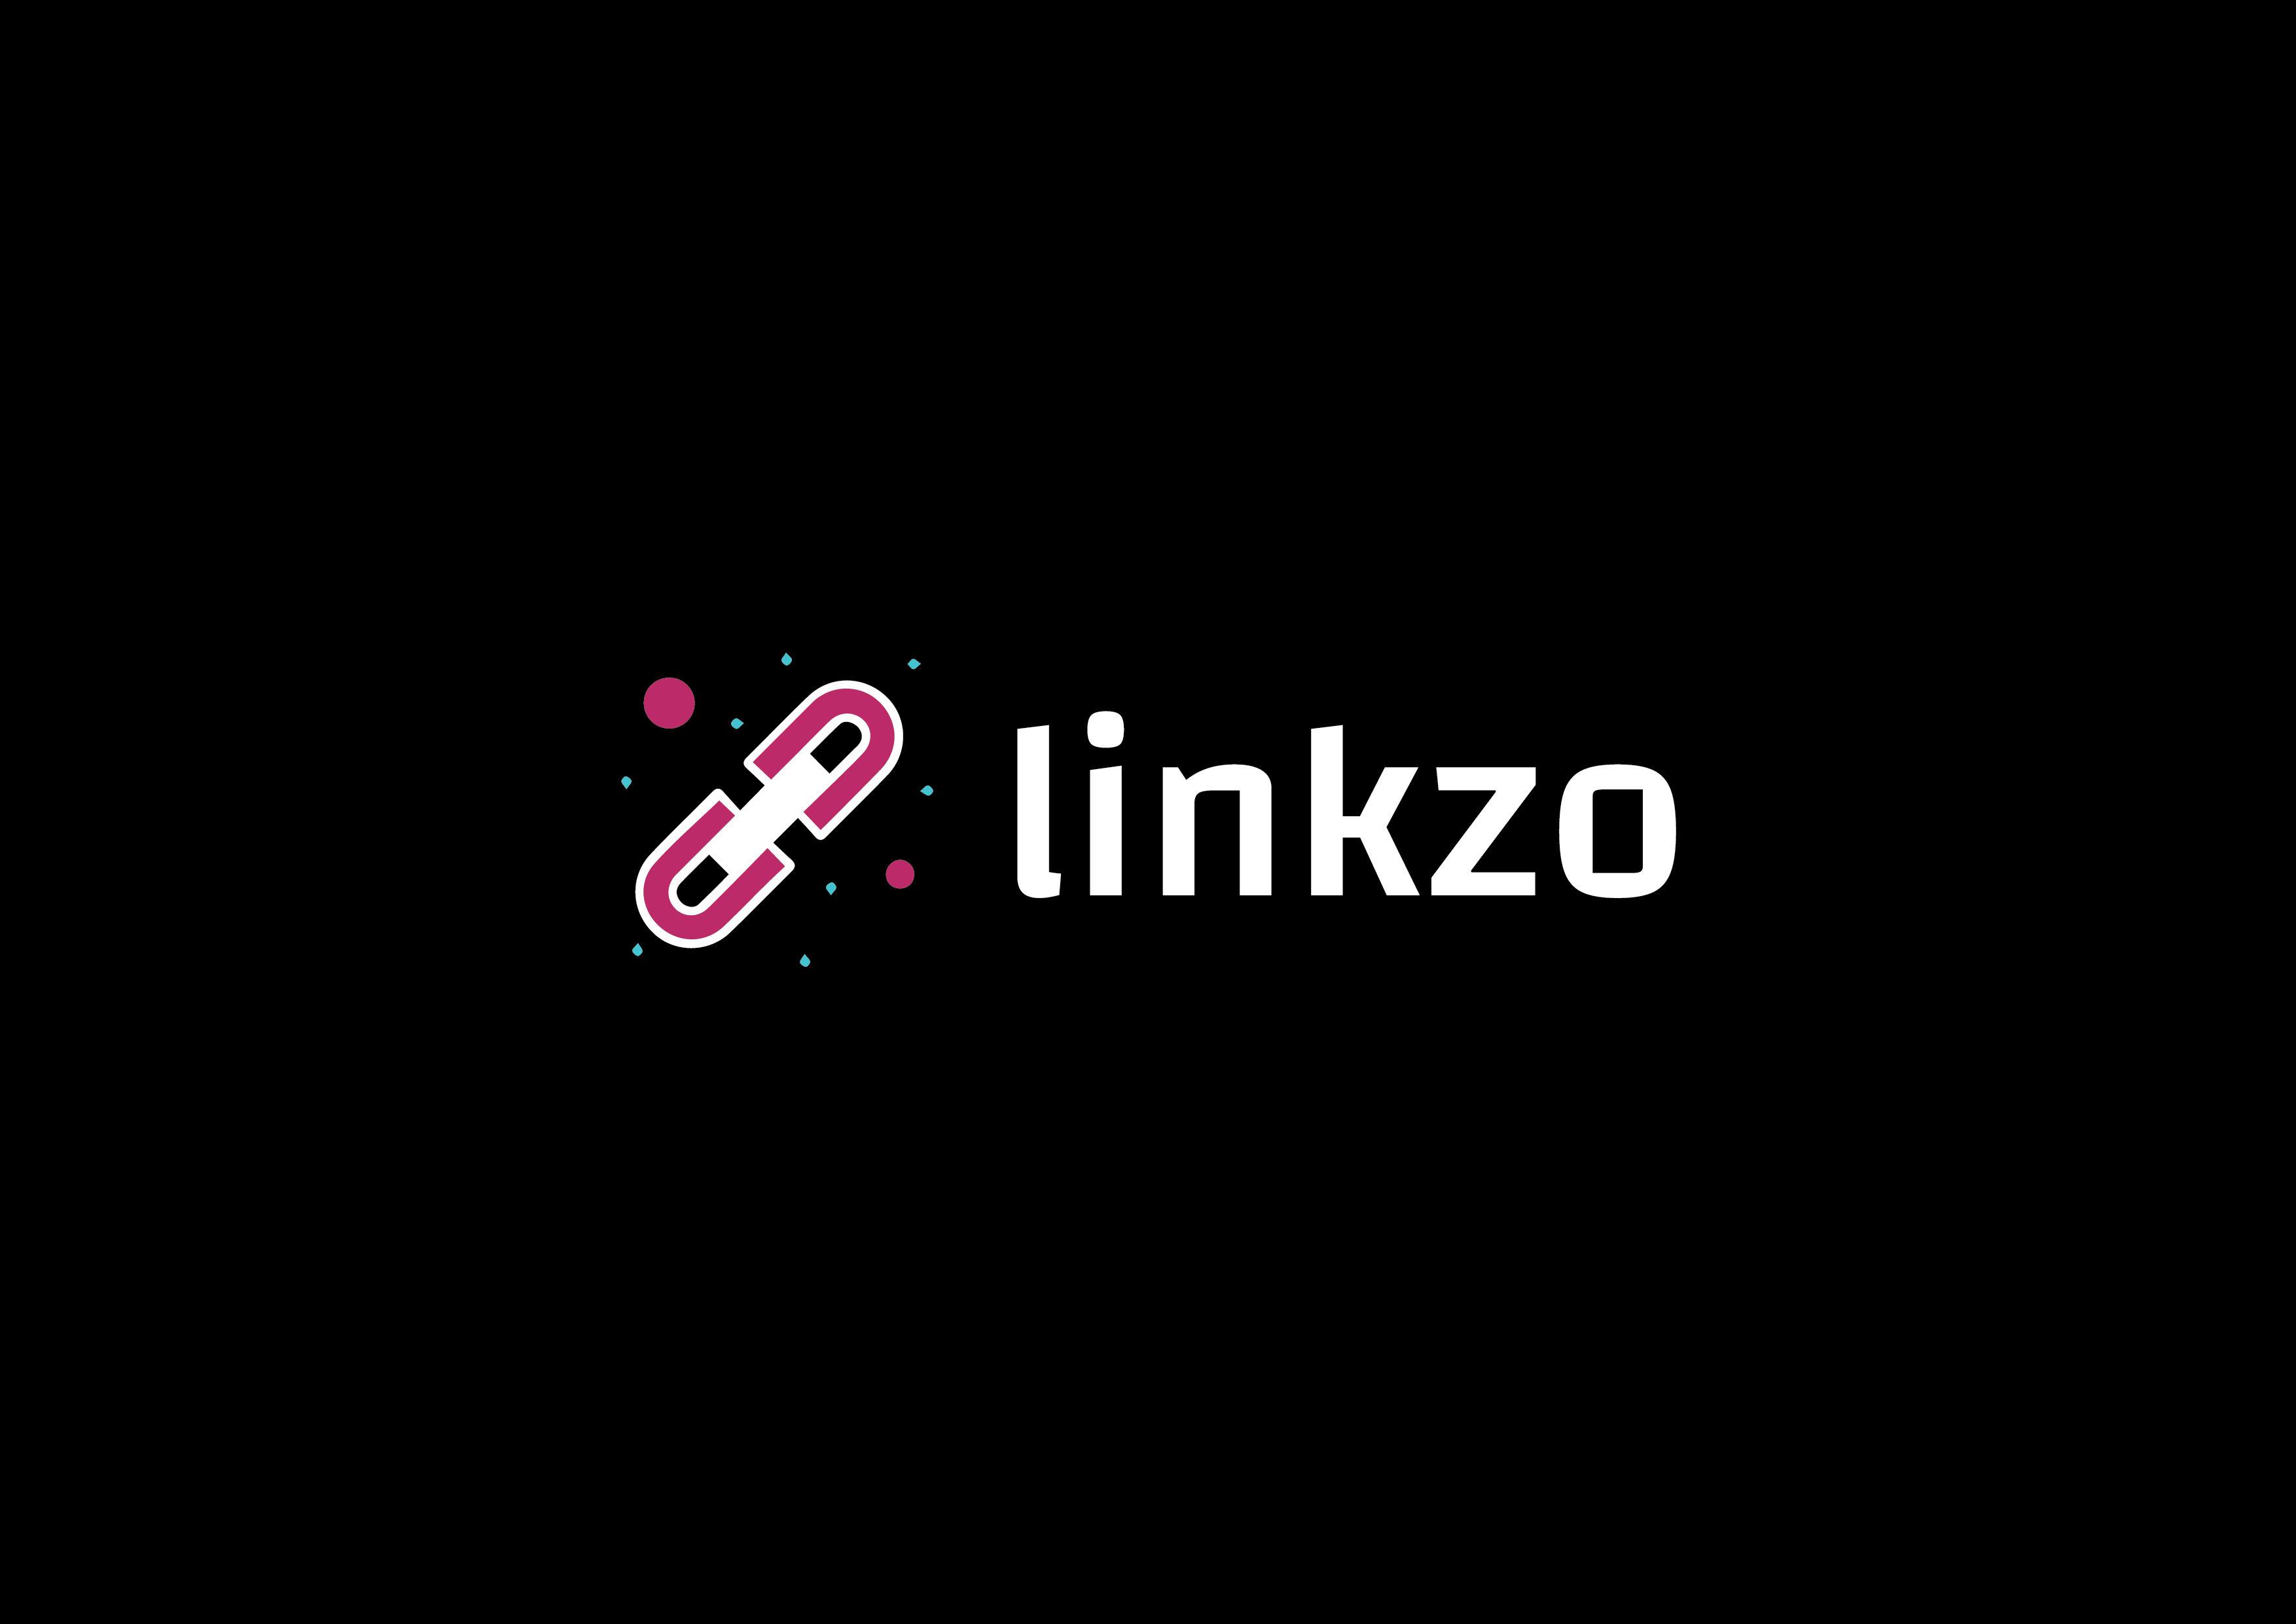 Linkzo.io